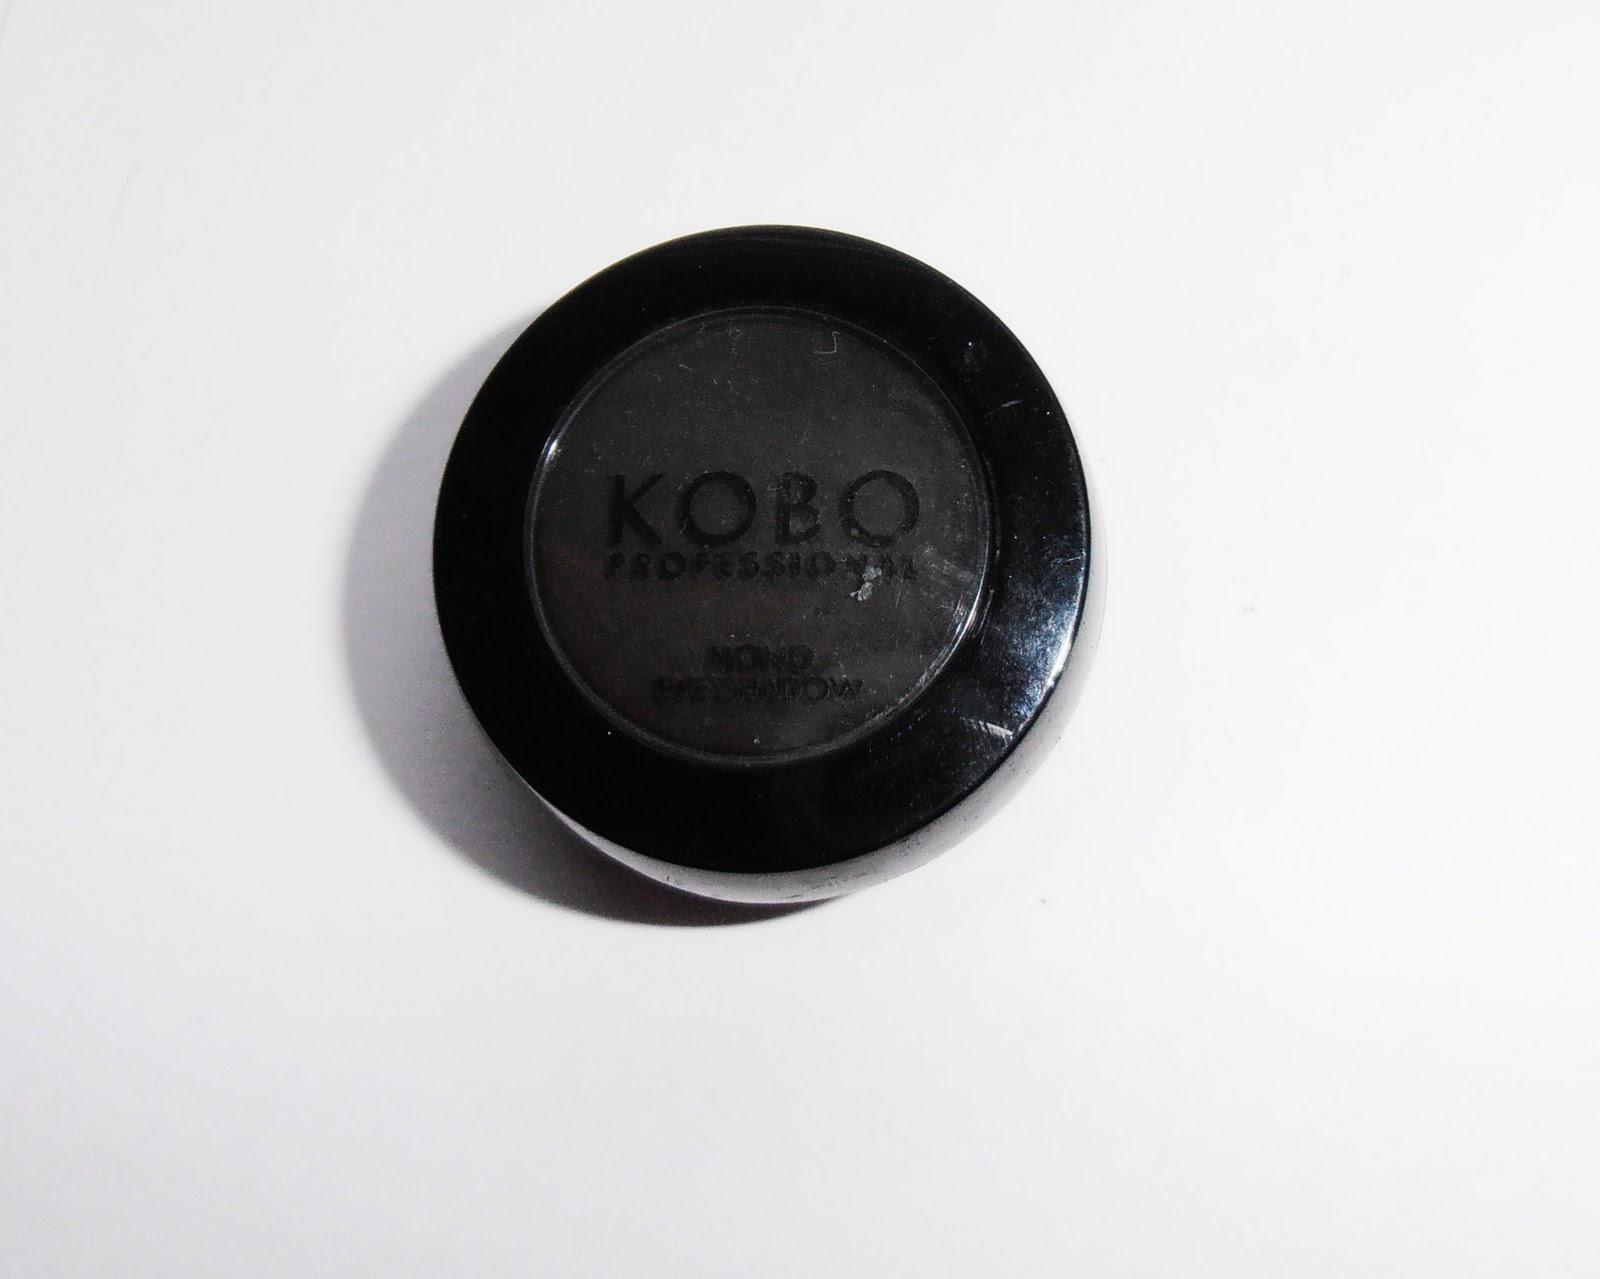 Poważne Kosmetycznie u Lissy: Kobo - cień do powiek Deep Black XN88